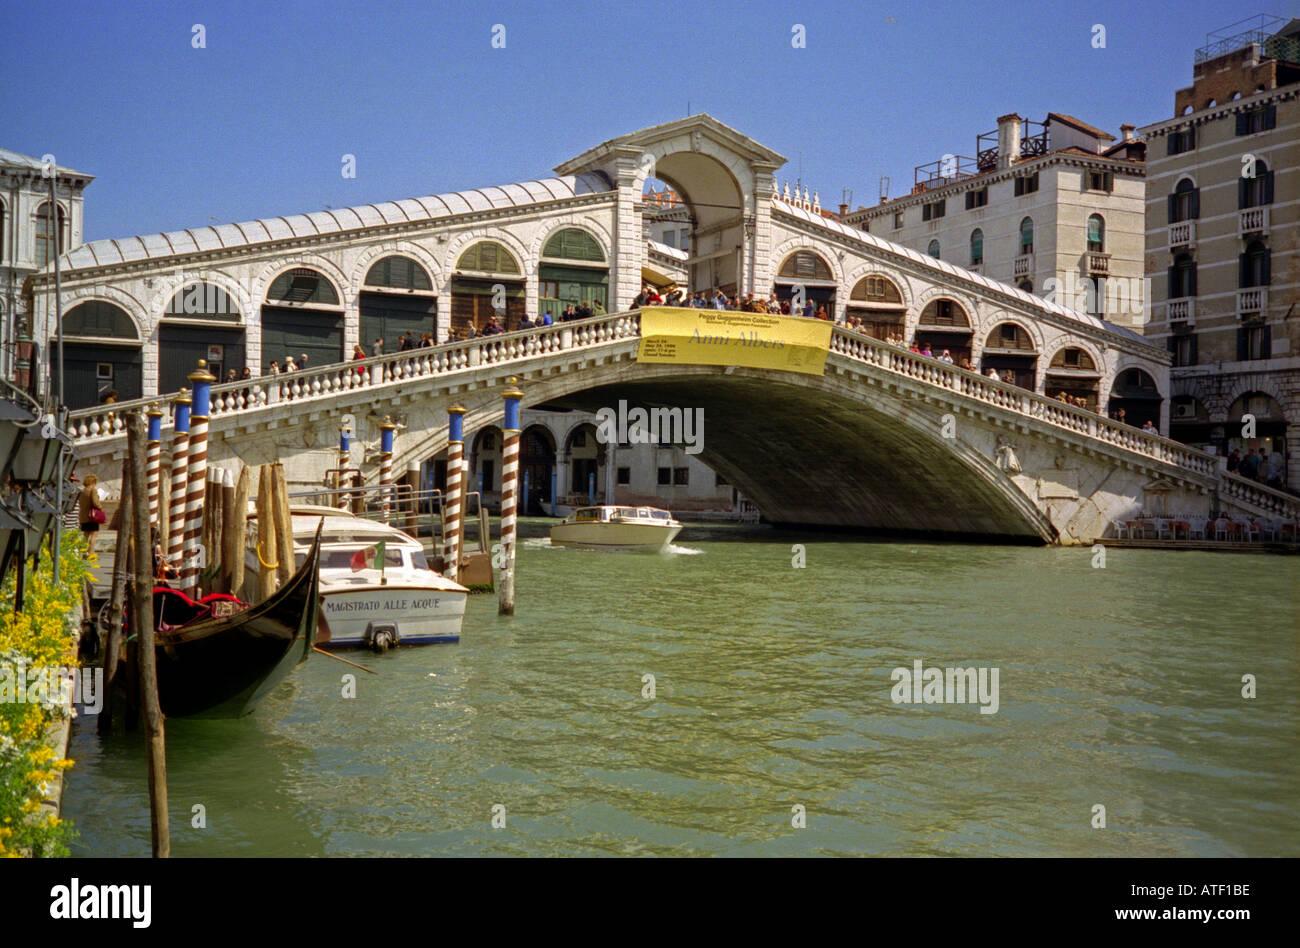 venetian architecture with rialto bridge great canal gondolas venice